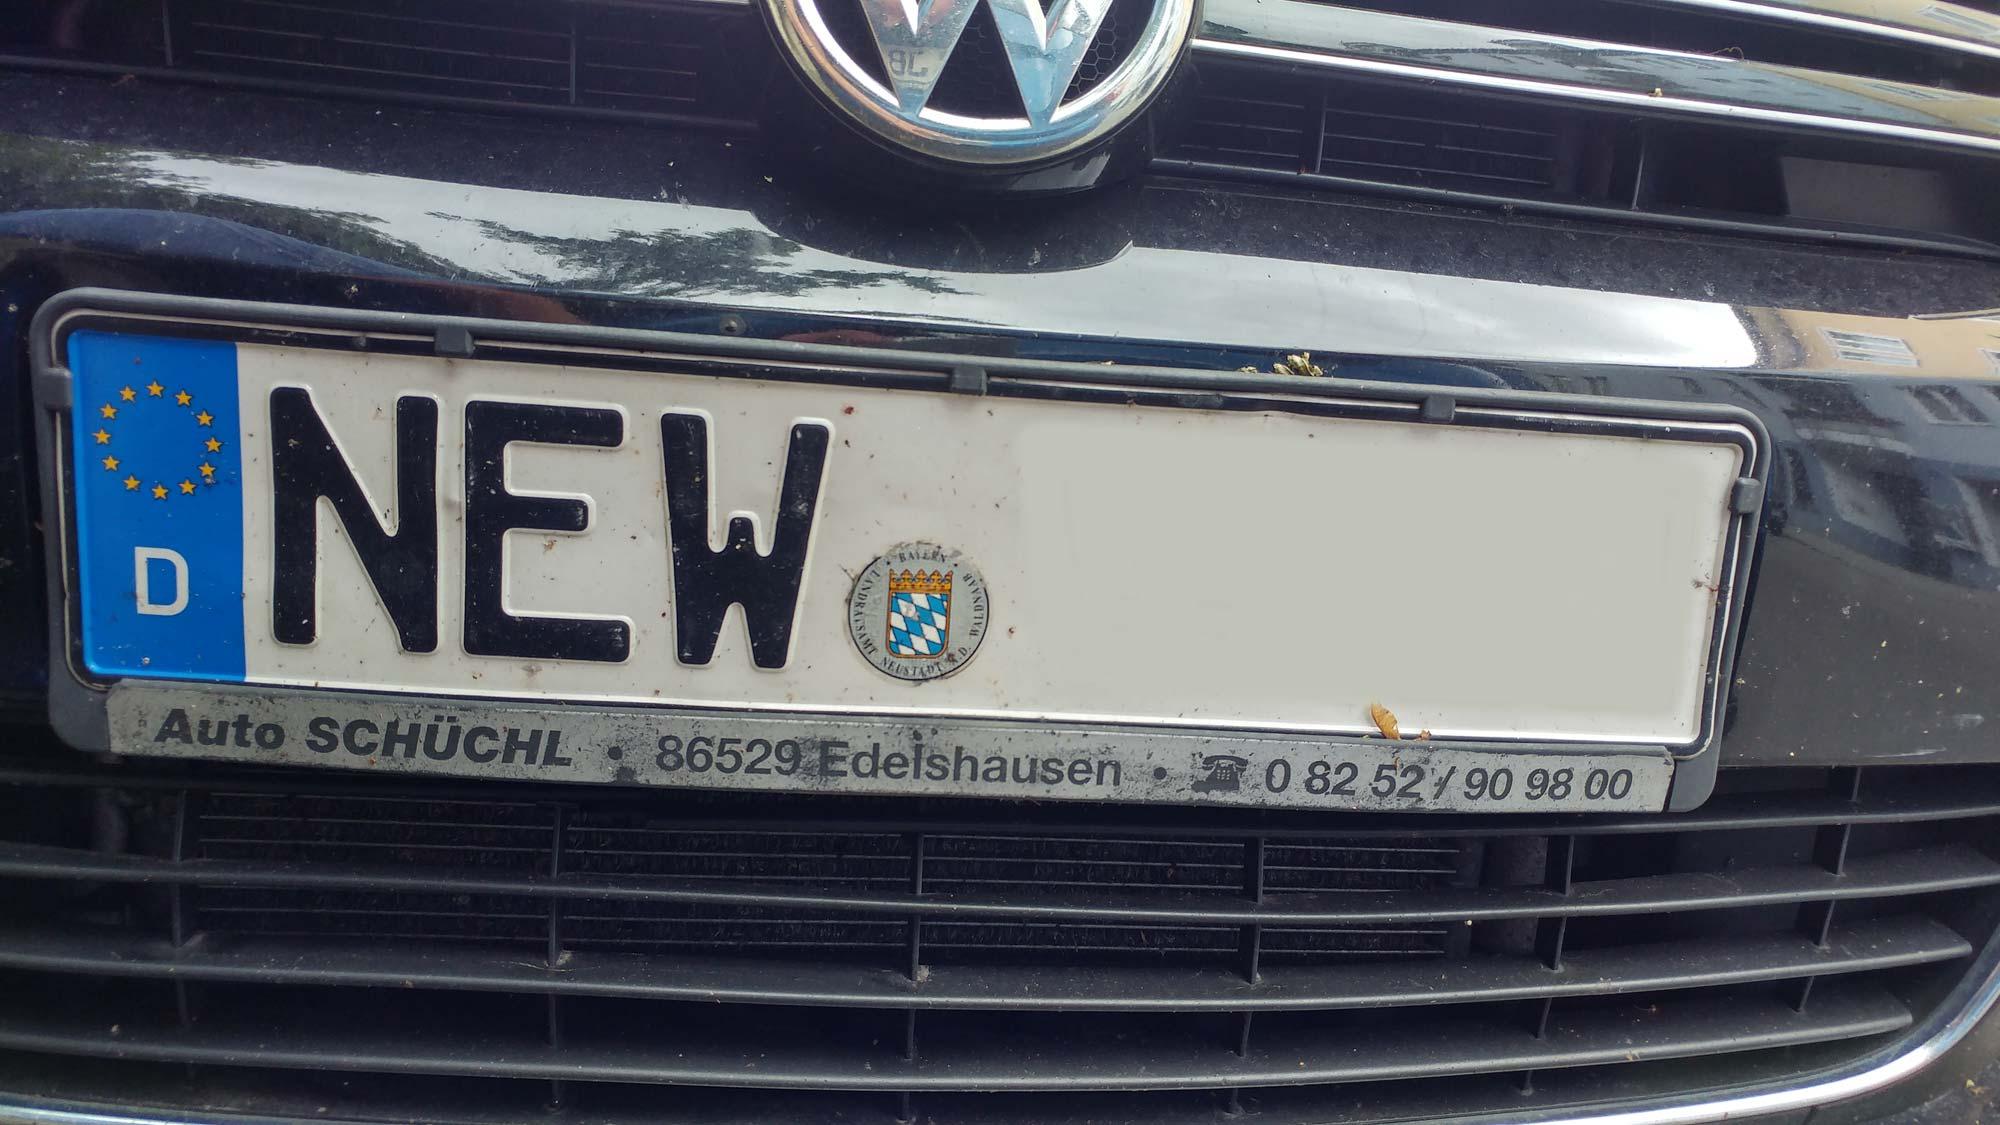 By Autokennzeichen